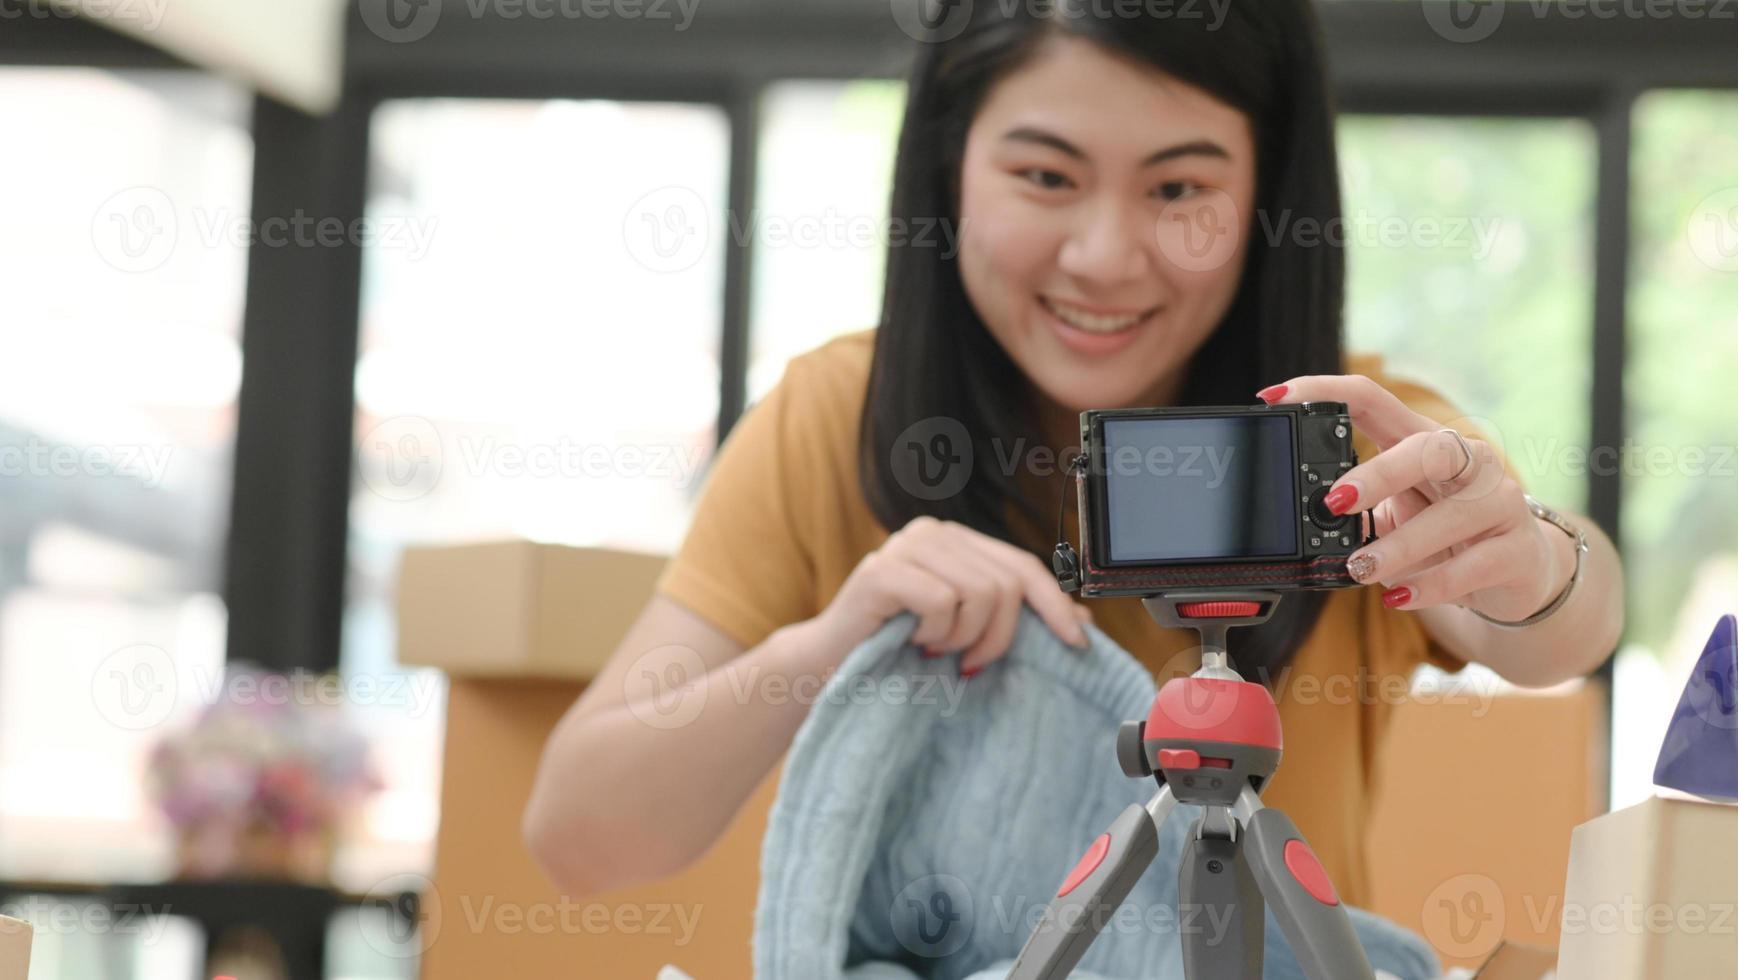 lachende vrouw zet een camera aan om online te verkopen. foto